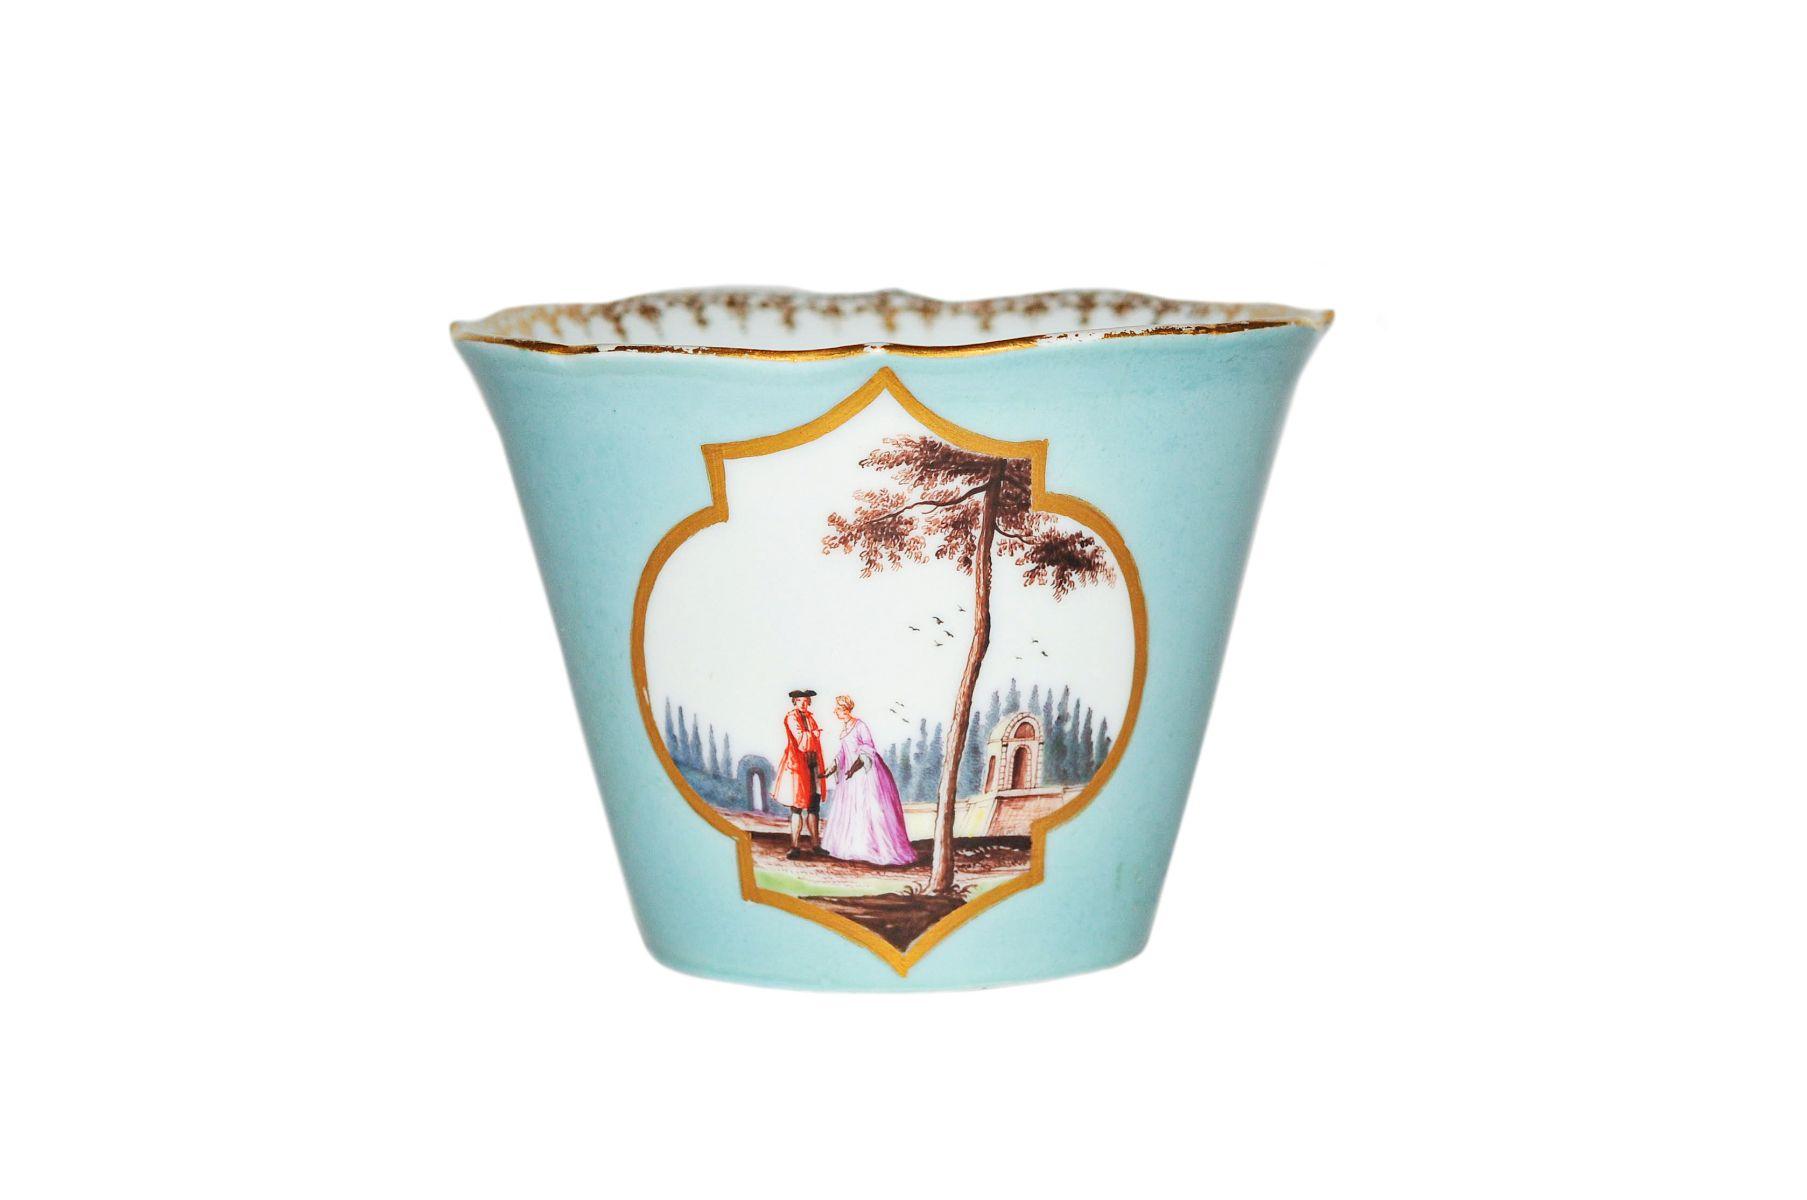 #77 Decorative cup with watteau scenes | Zierbecher mit Watteauszenen Image